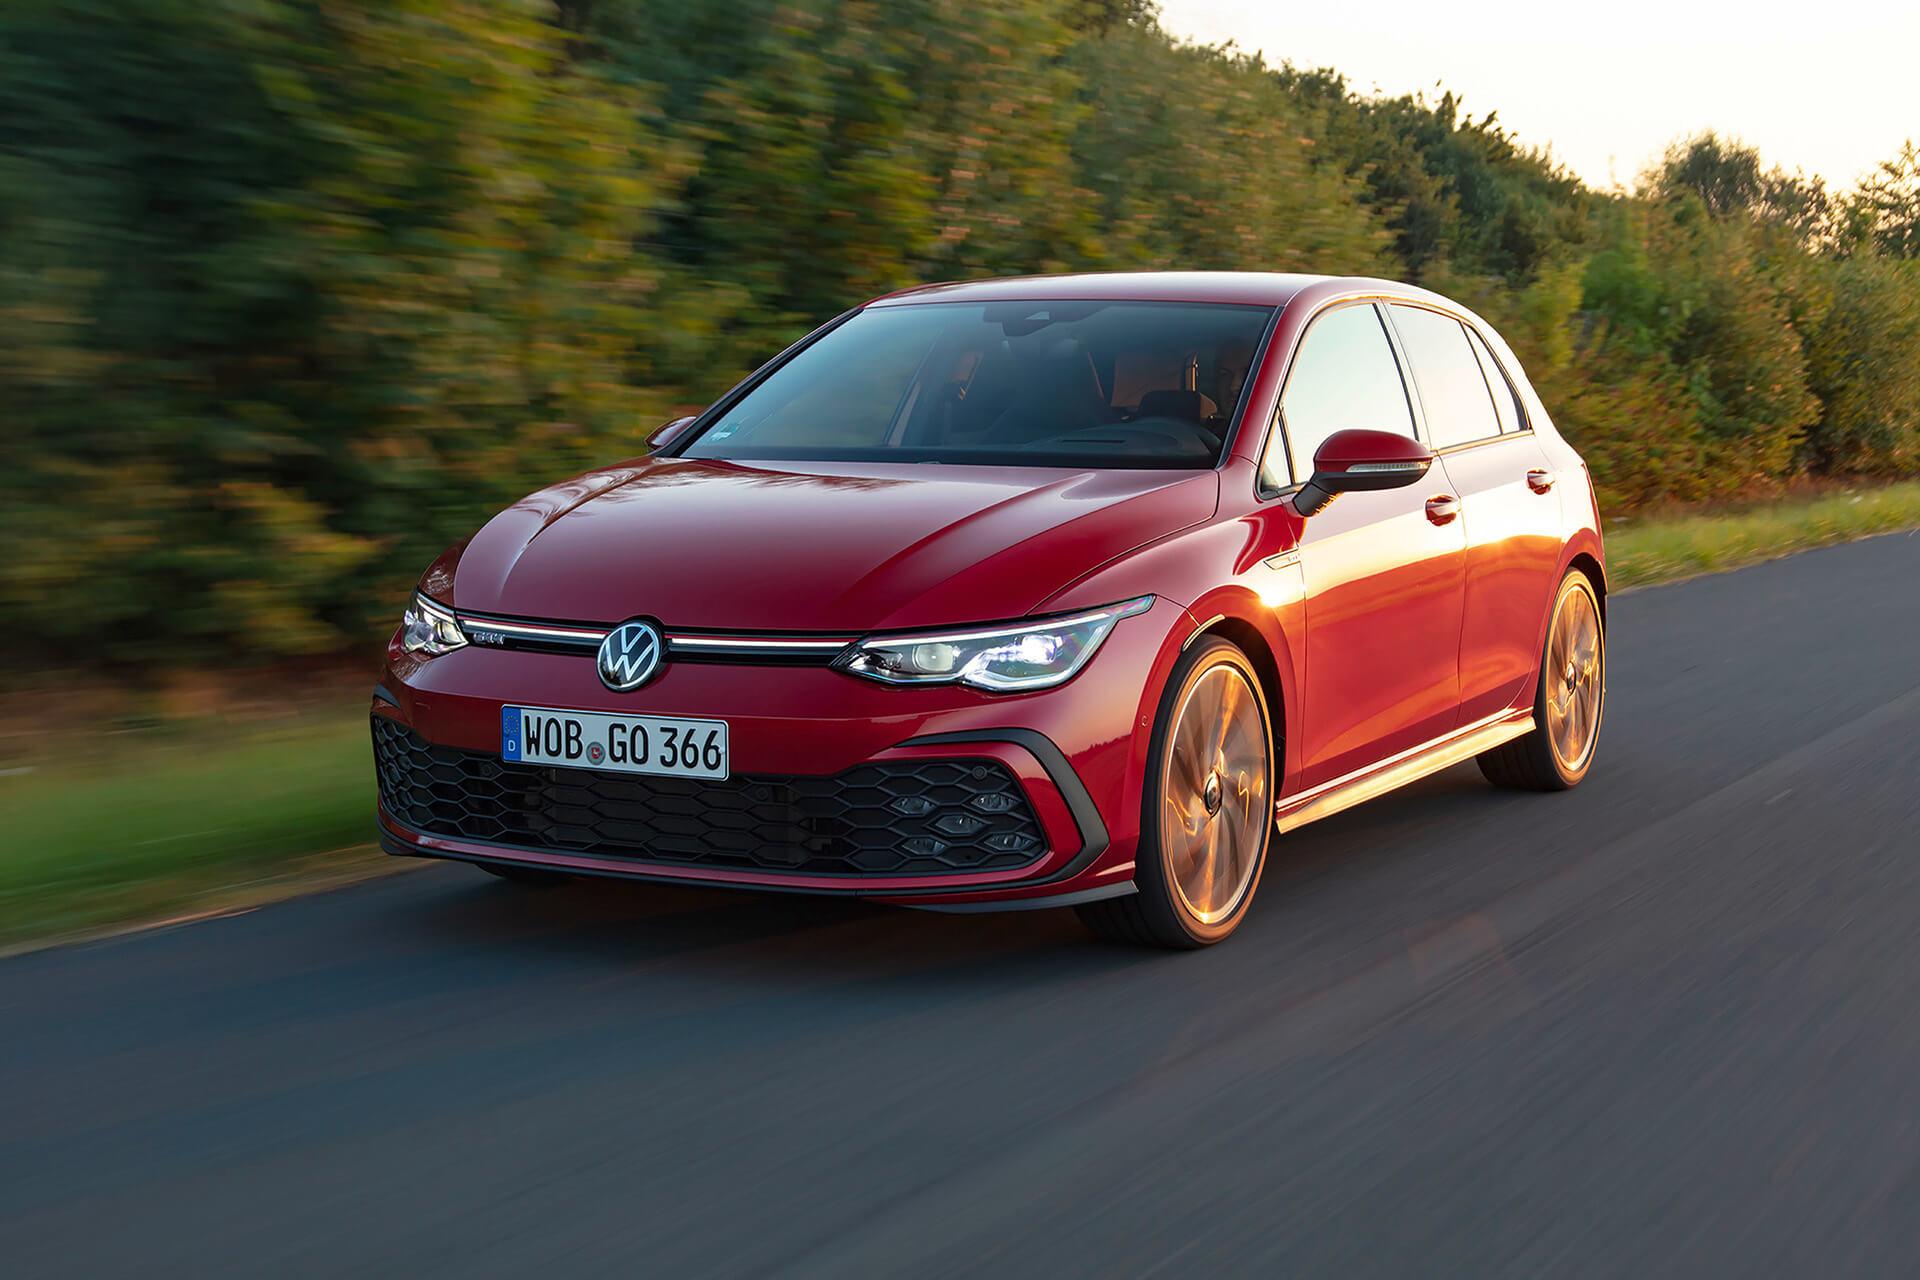 Νέο Volkswagen Golf GTI - Σε κίνηση, εμπρός όψη